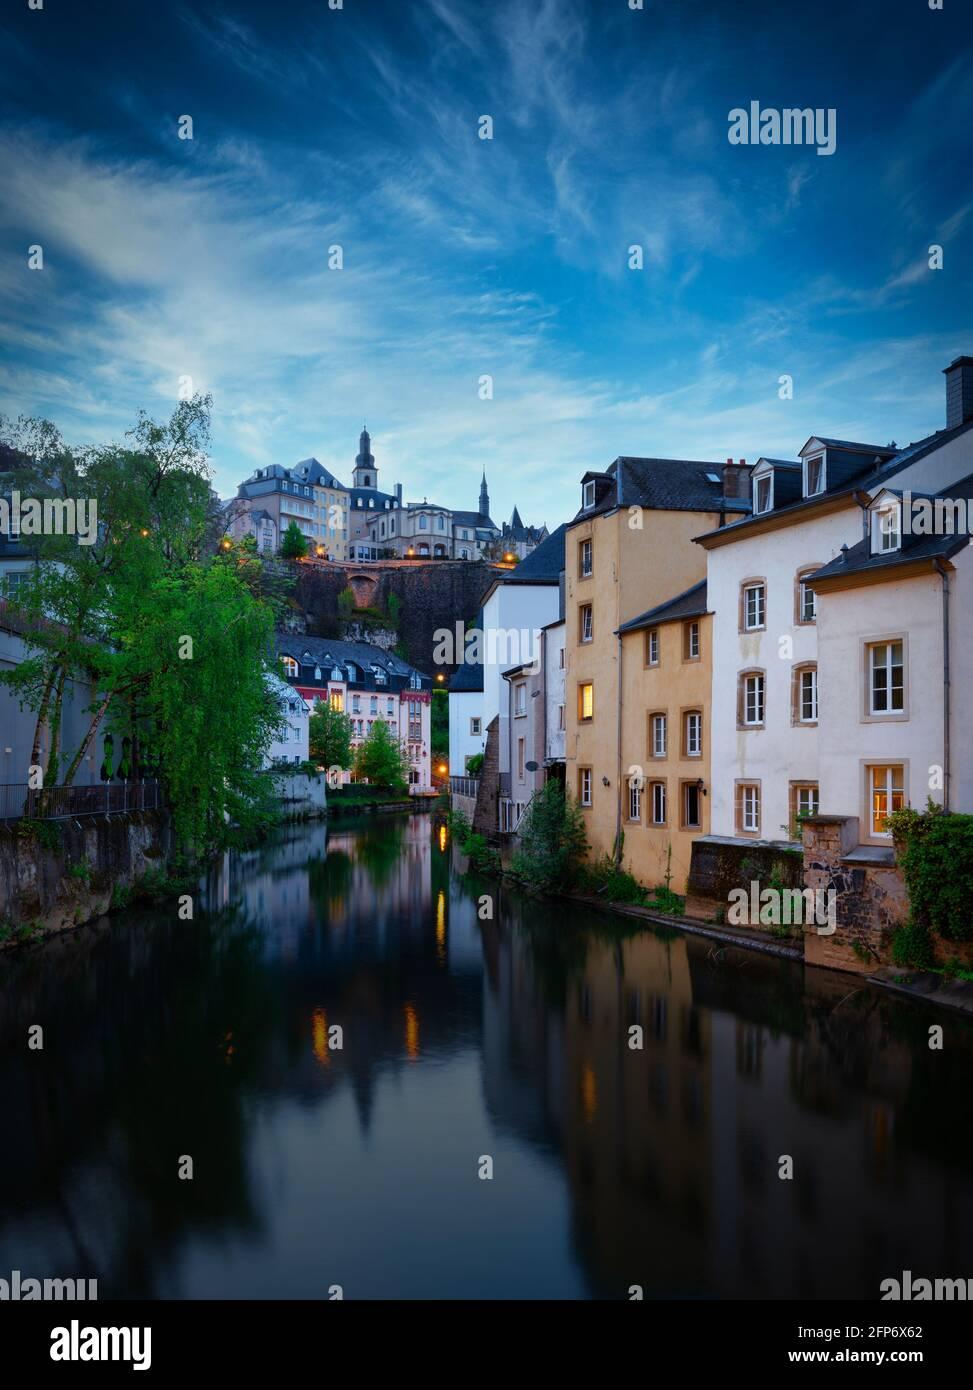 Rivière Alzette dans la soirée avec de belles réflexions, ville de Luxembourg, terre. Europe, Benelux. Banque D'Images